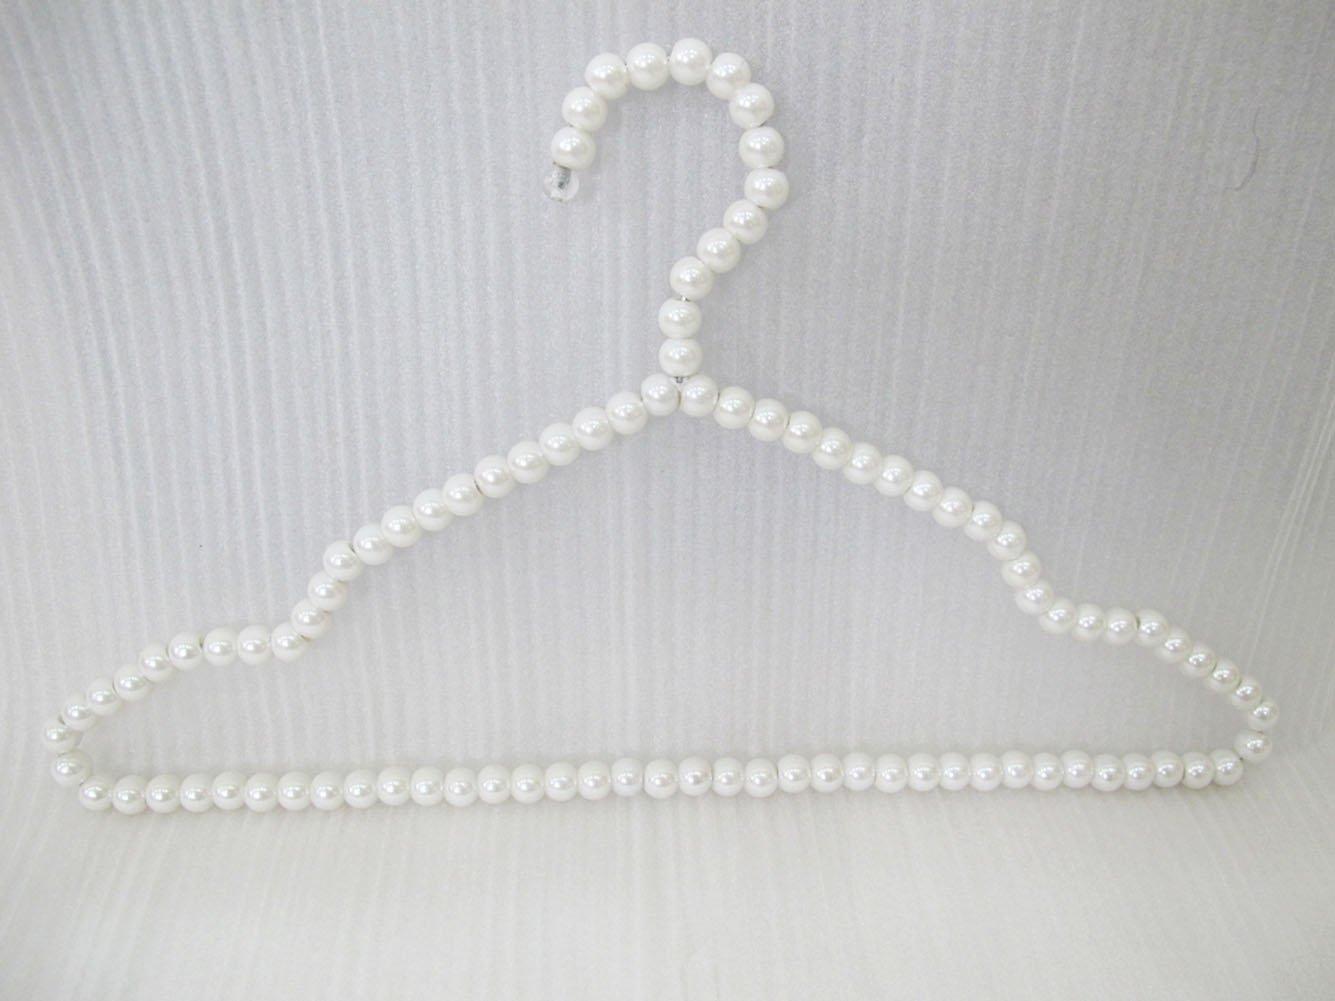 DgTech New10 Pcs ABS Plastique Perle Bow cintres pour Adultes Vêtements Jupes Mariage Robe Manteau Elegant Suspendus Crochet 40cm